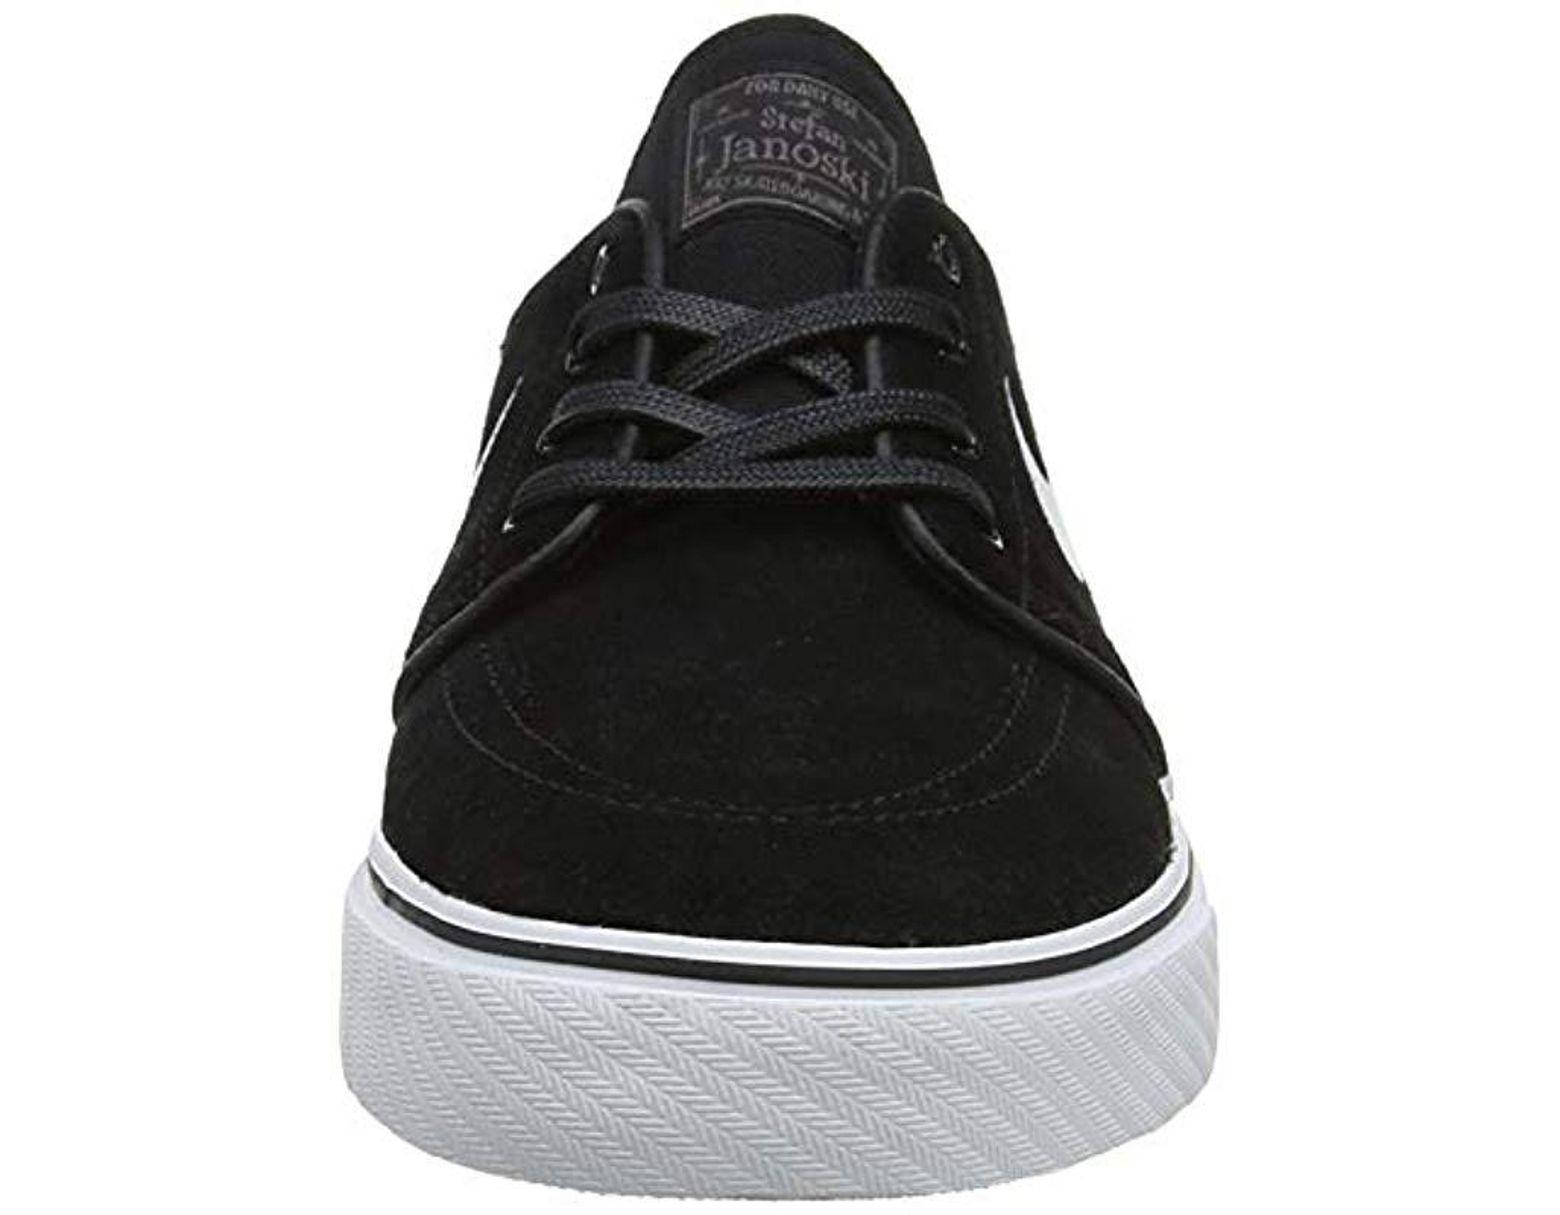 9724509d2f605 Nike Zoom Stefan Janoski 333824-067 Skateboarding Shoes in Black for ...